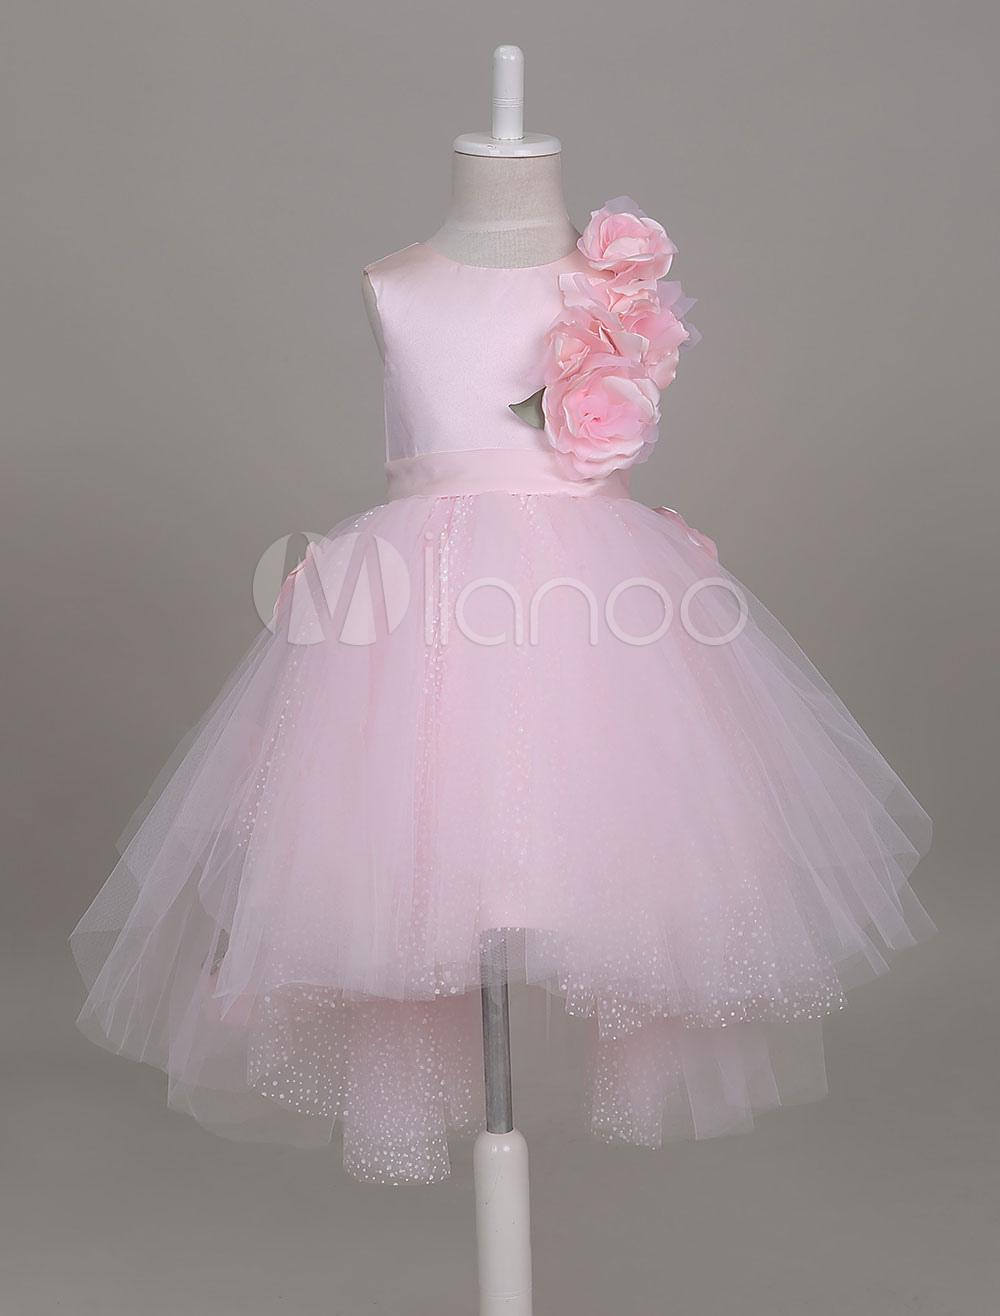 2a46b2f0e Vestidos de niña de las flores Vestido de tutú rosado suave Vestido de  fiesta corto de niños asimétrico